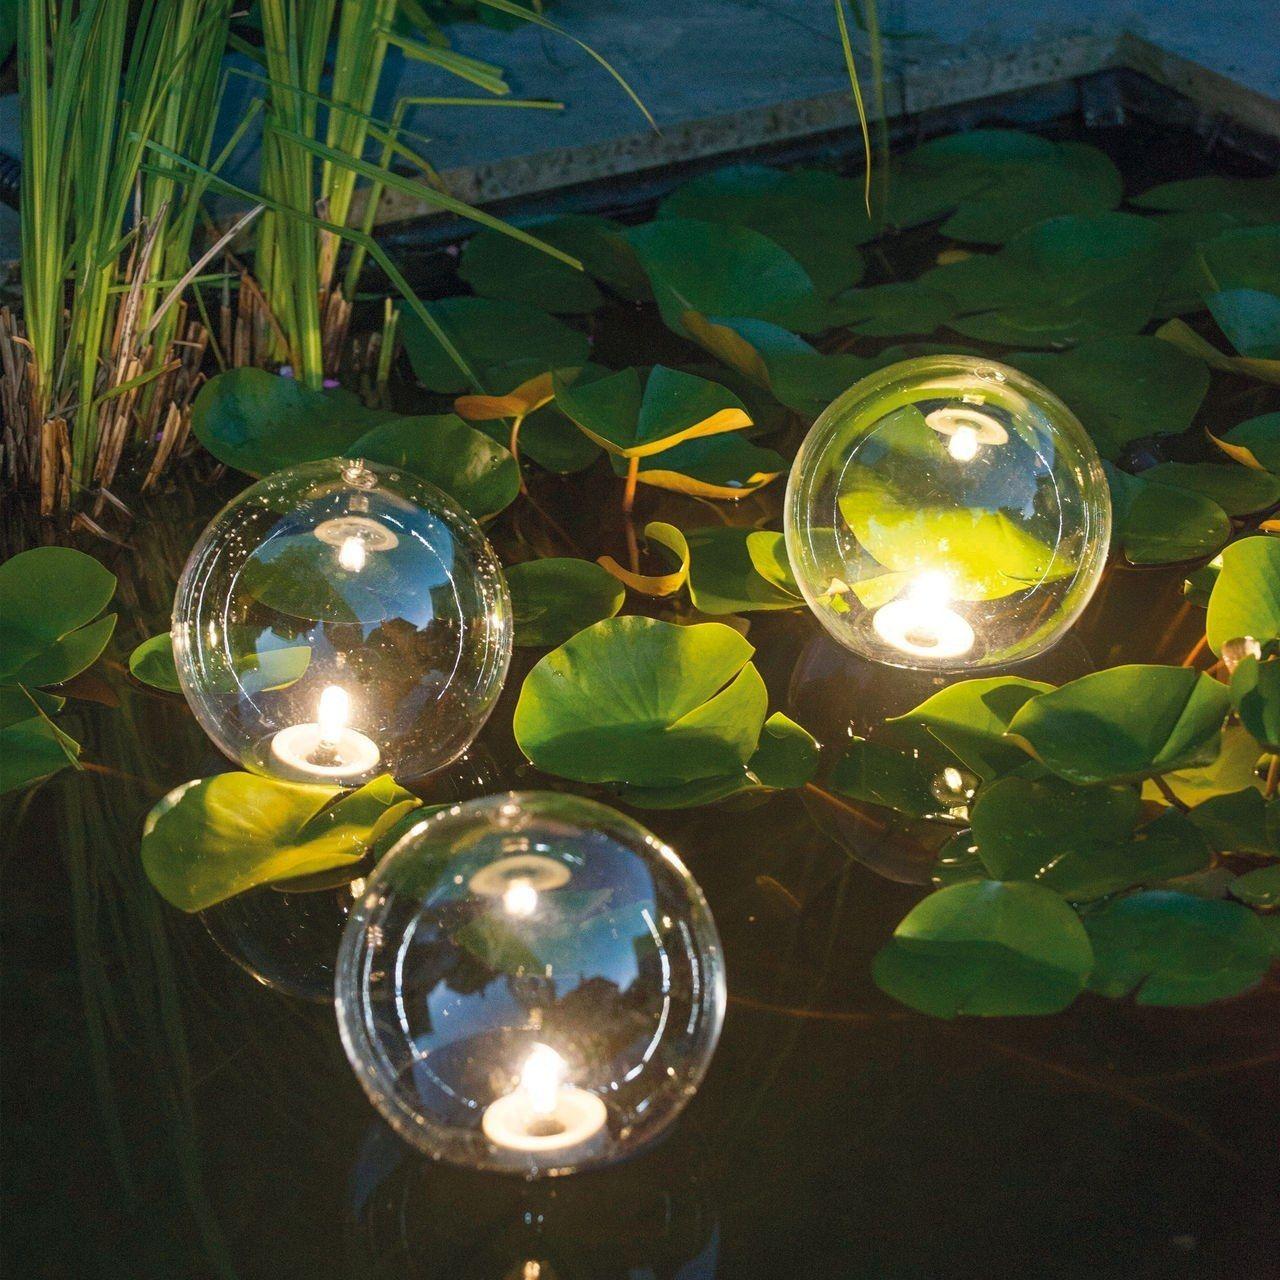 Led Leuchtkugeln Fur Teich Garten Teichbeleuchtung Teichlichter Unterwasserbeleuchtung